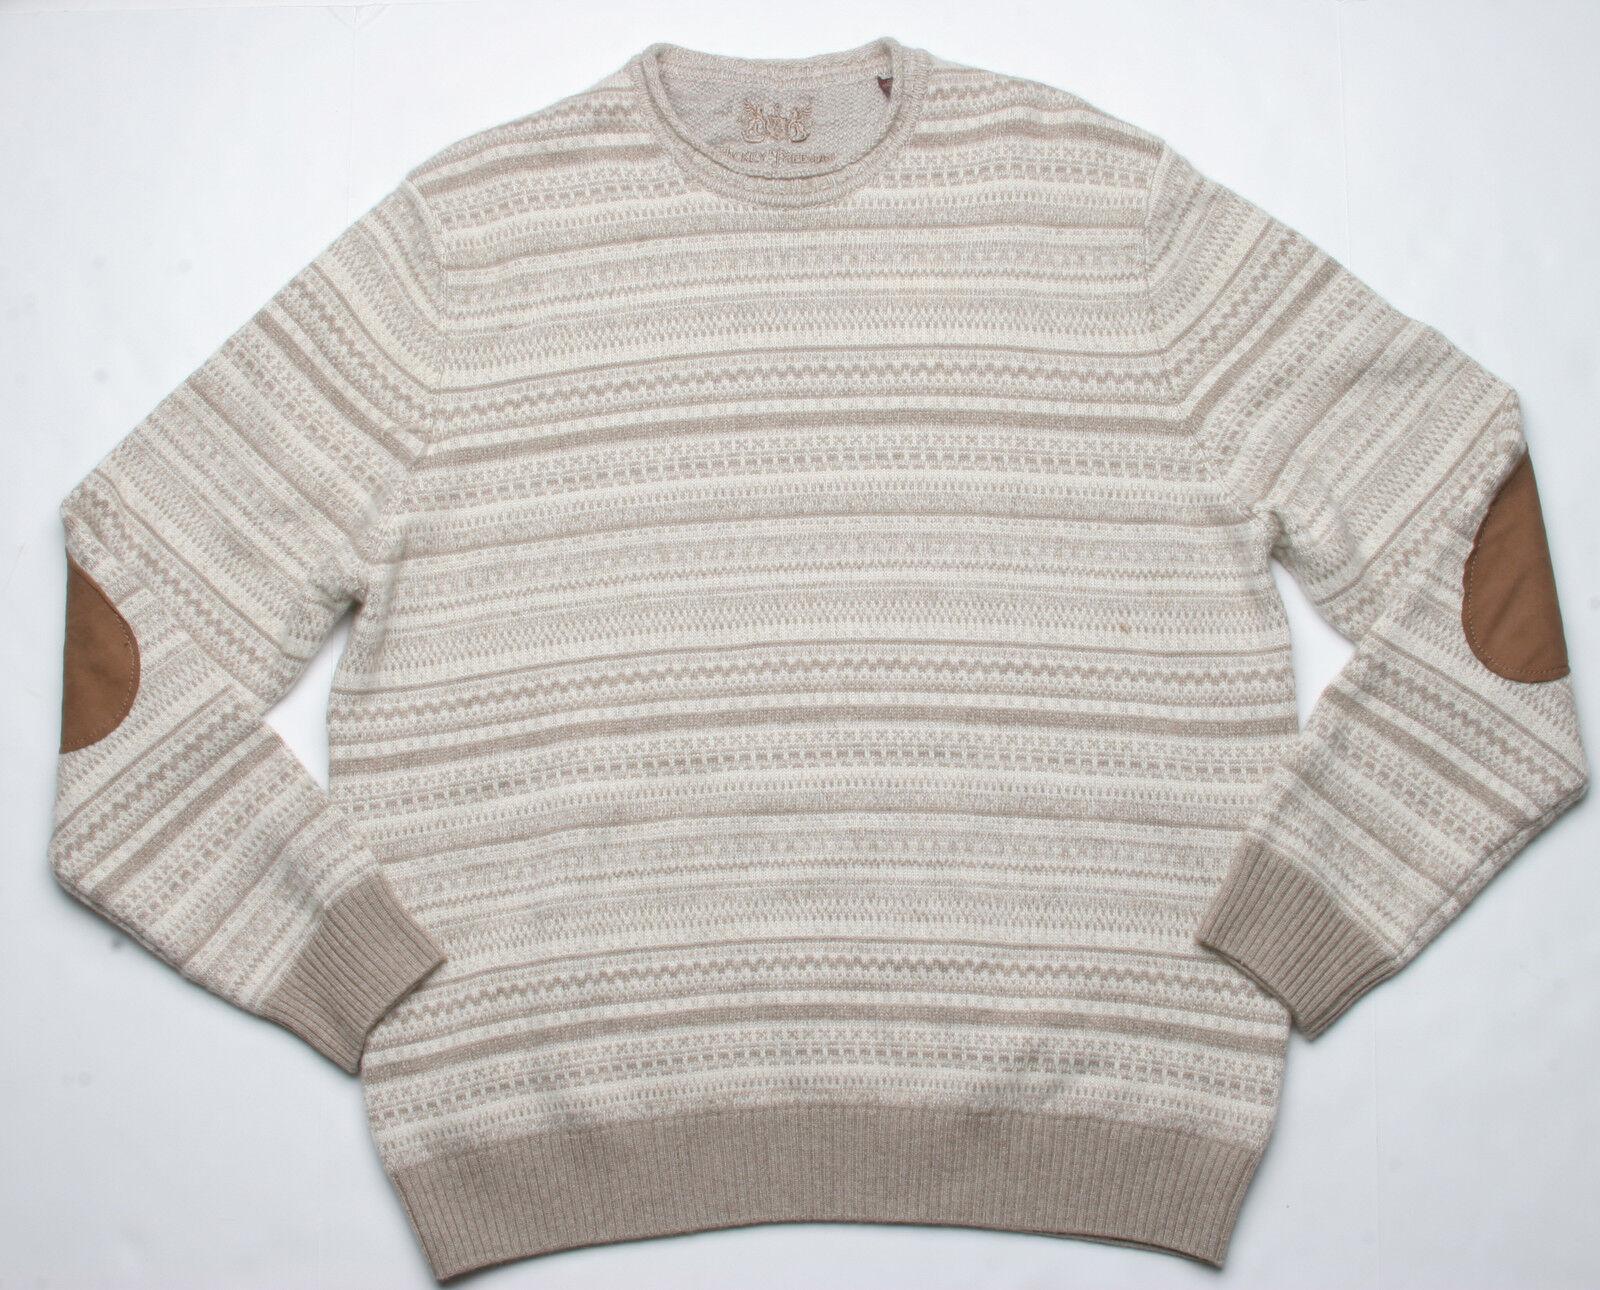 Hickey Hickey Hickey Freeman Mohogany Collezione Righe Maglione (L) Bianco Combinazione 7af5b7